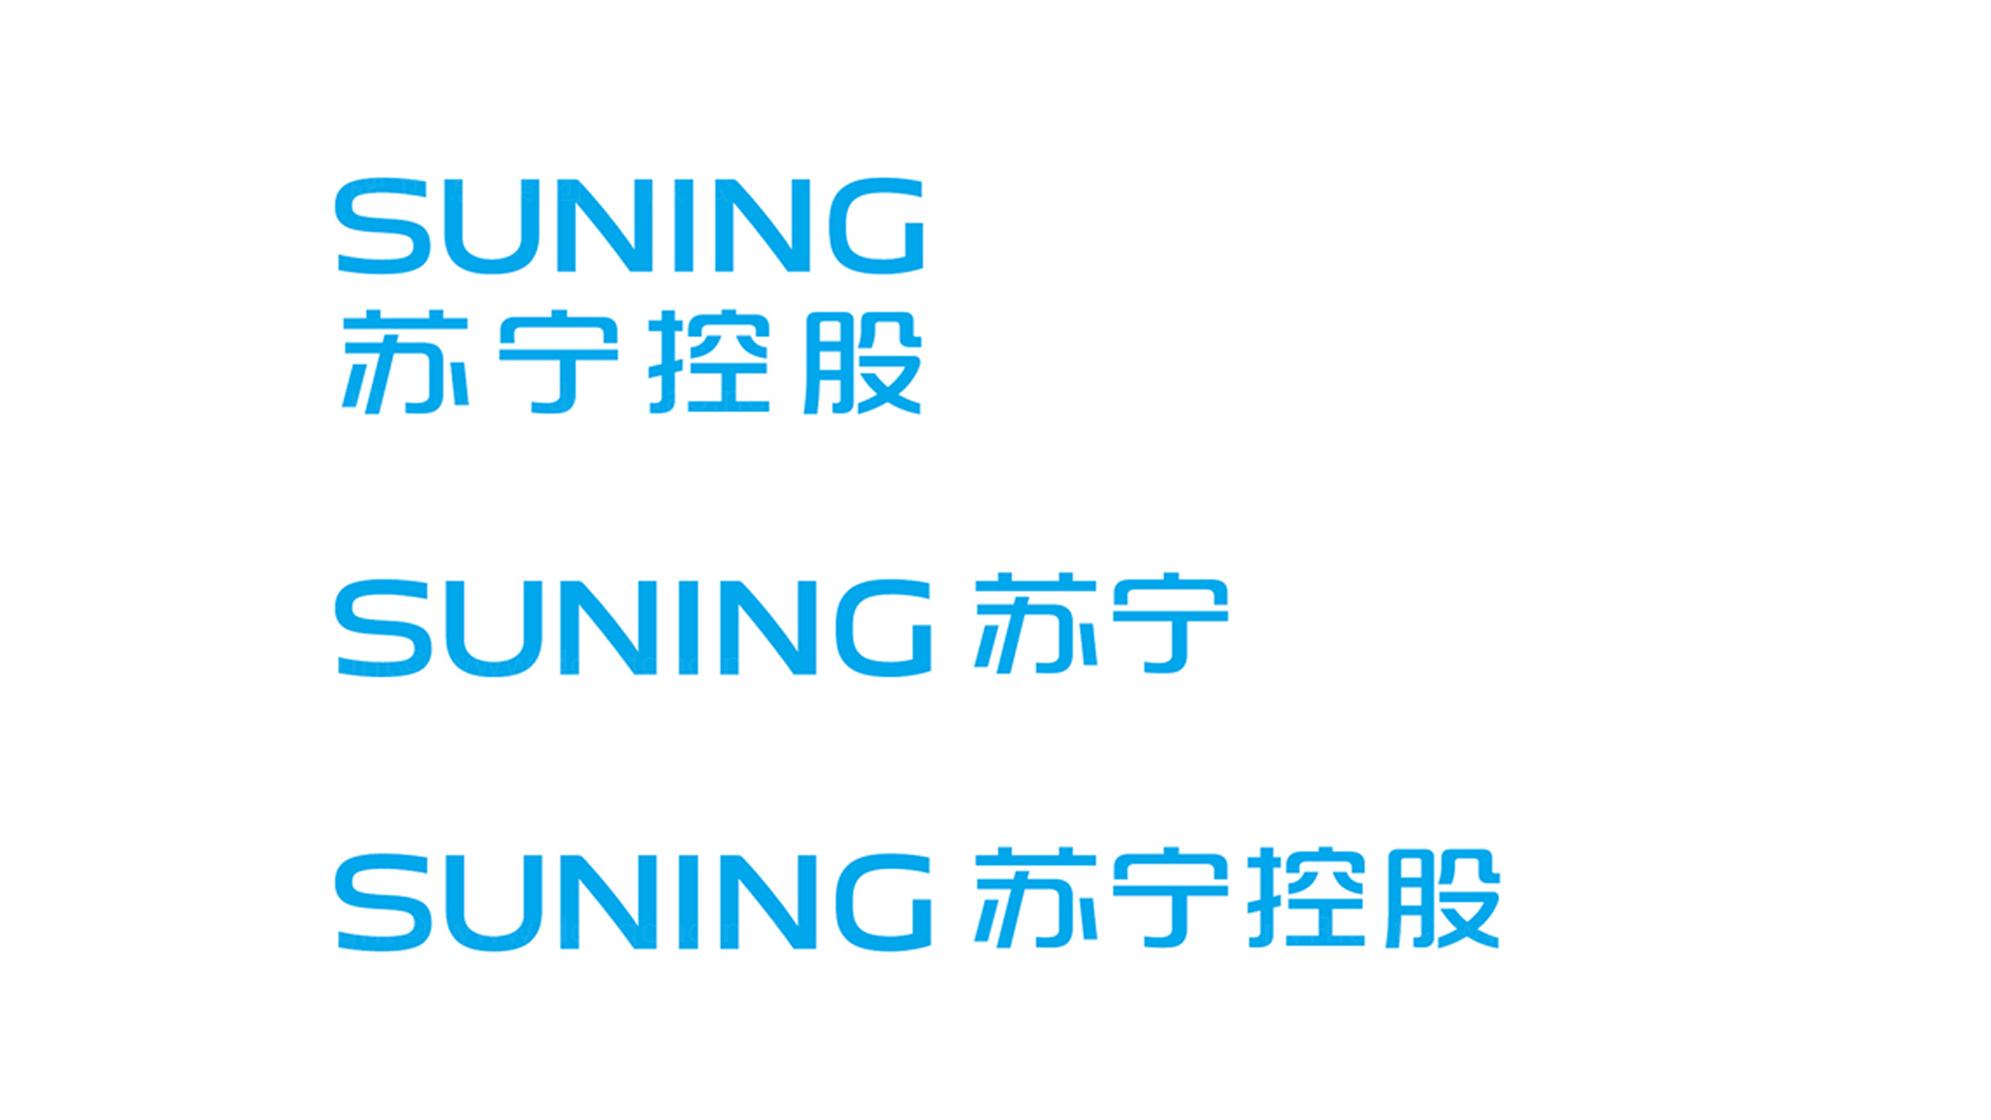 苏宁logo设计、vi设计应用